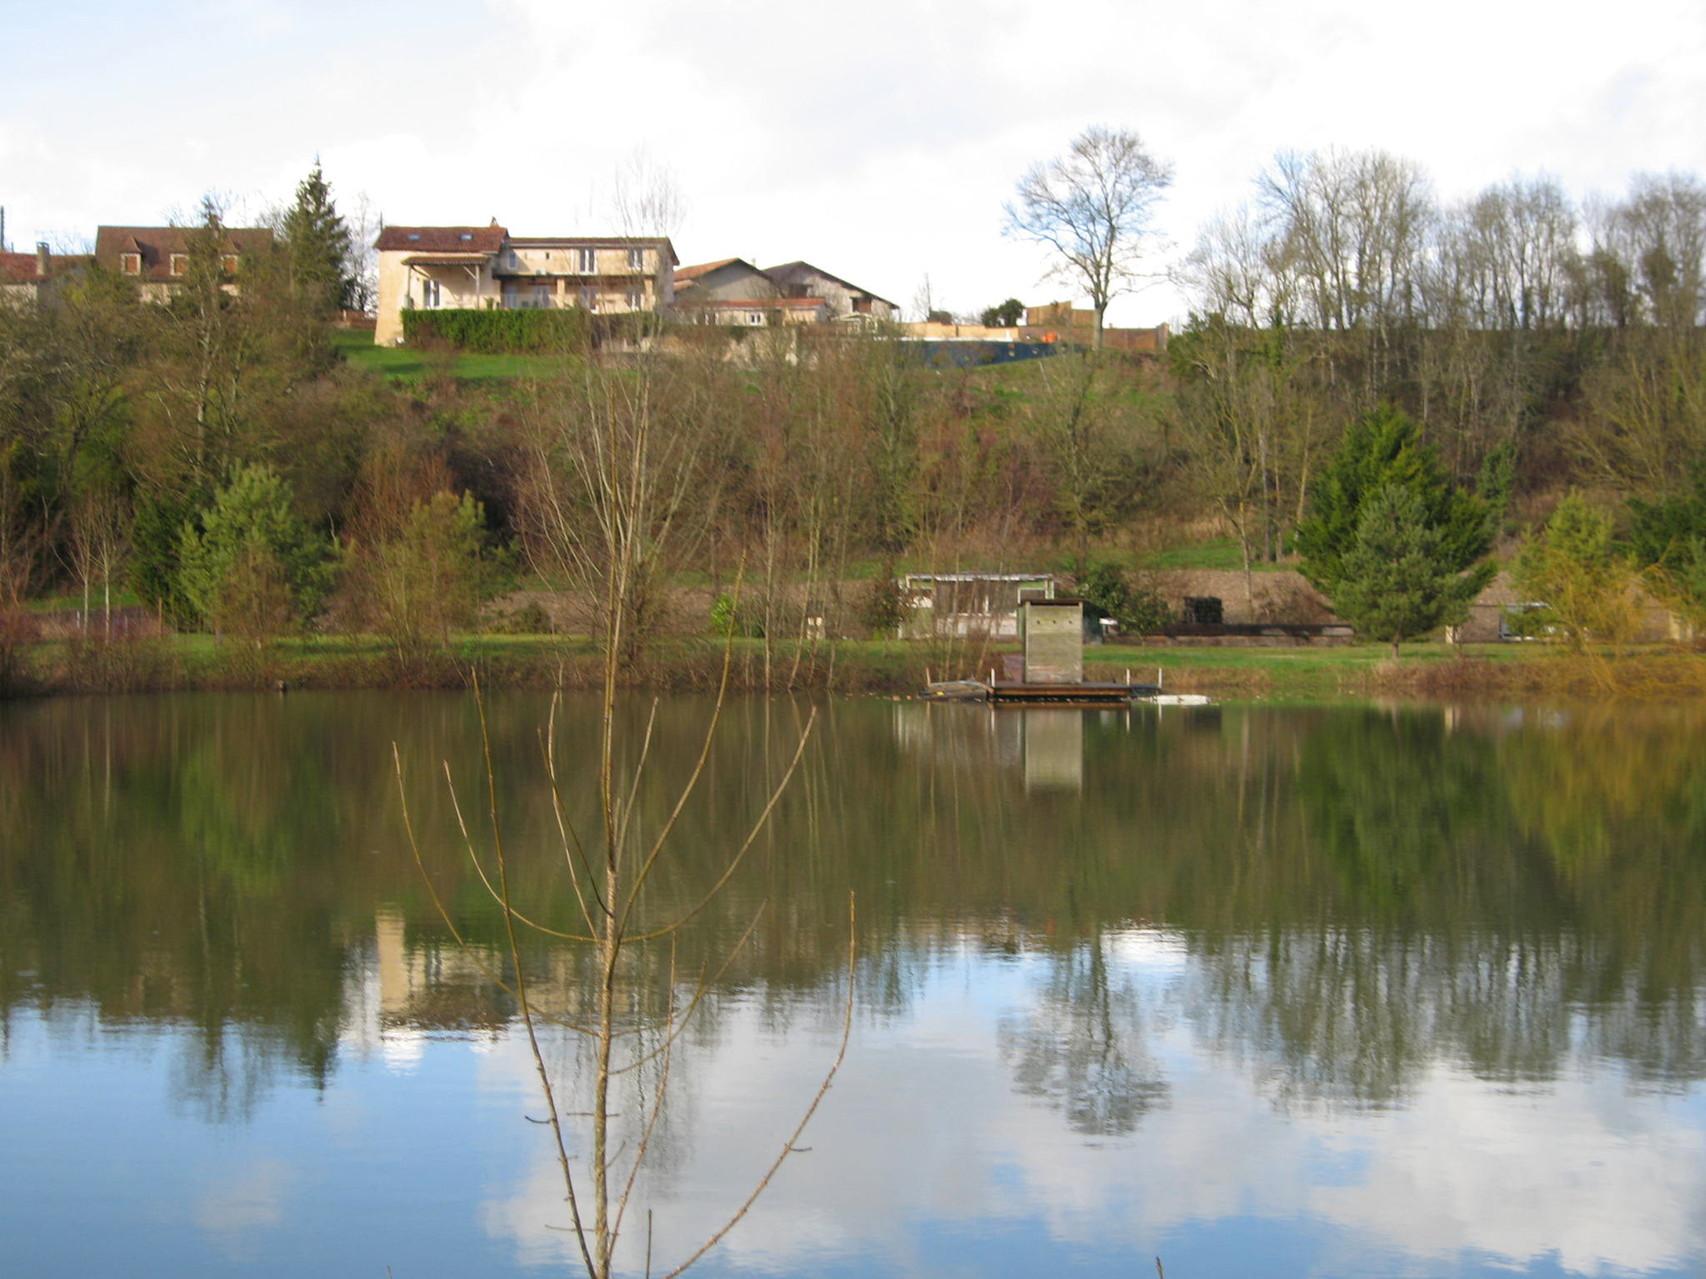 L'étang ; situé à 300m, non visible des maisons, entièrement clôturé, dispose d'une barque et d'un affût.